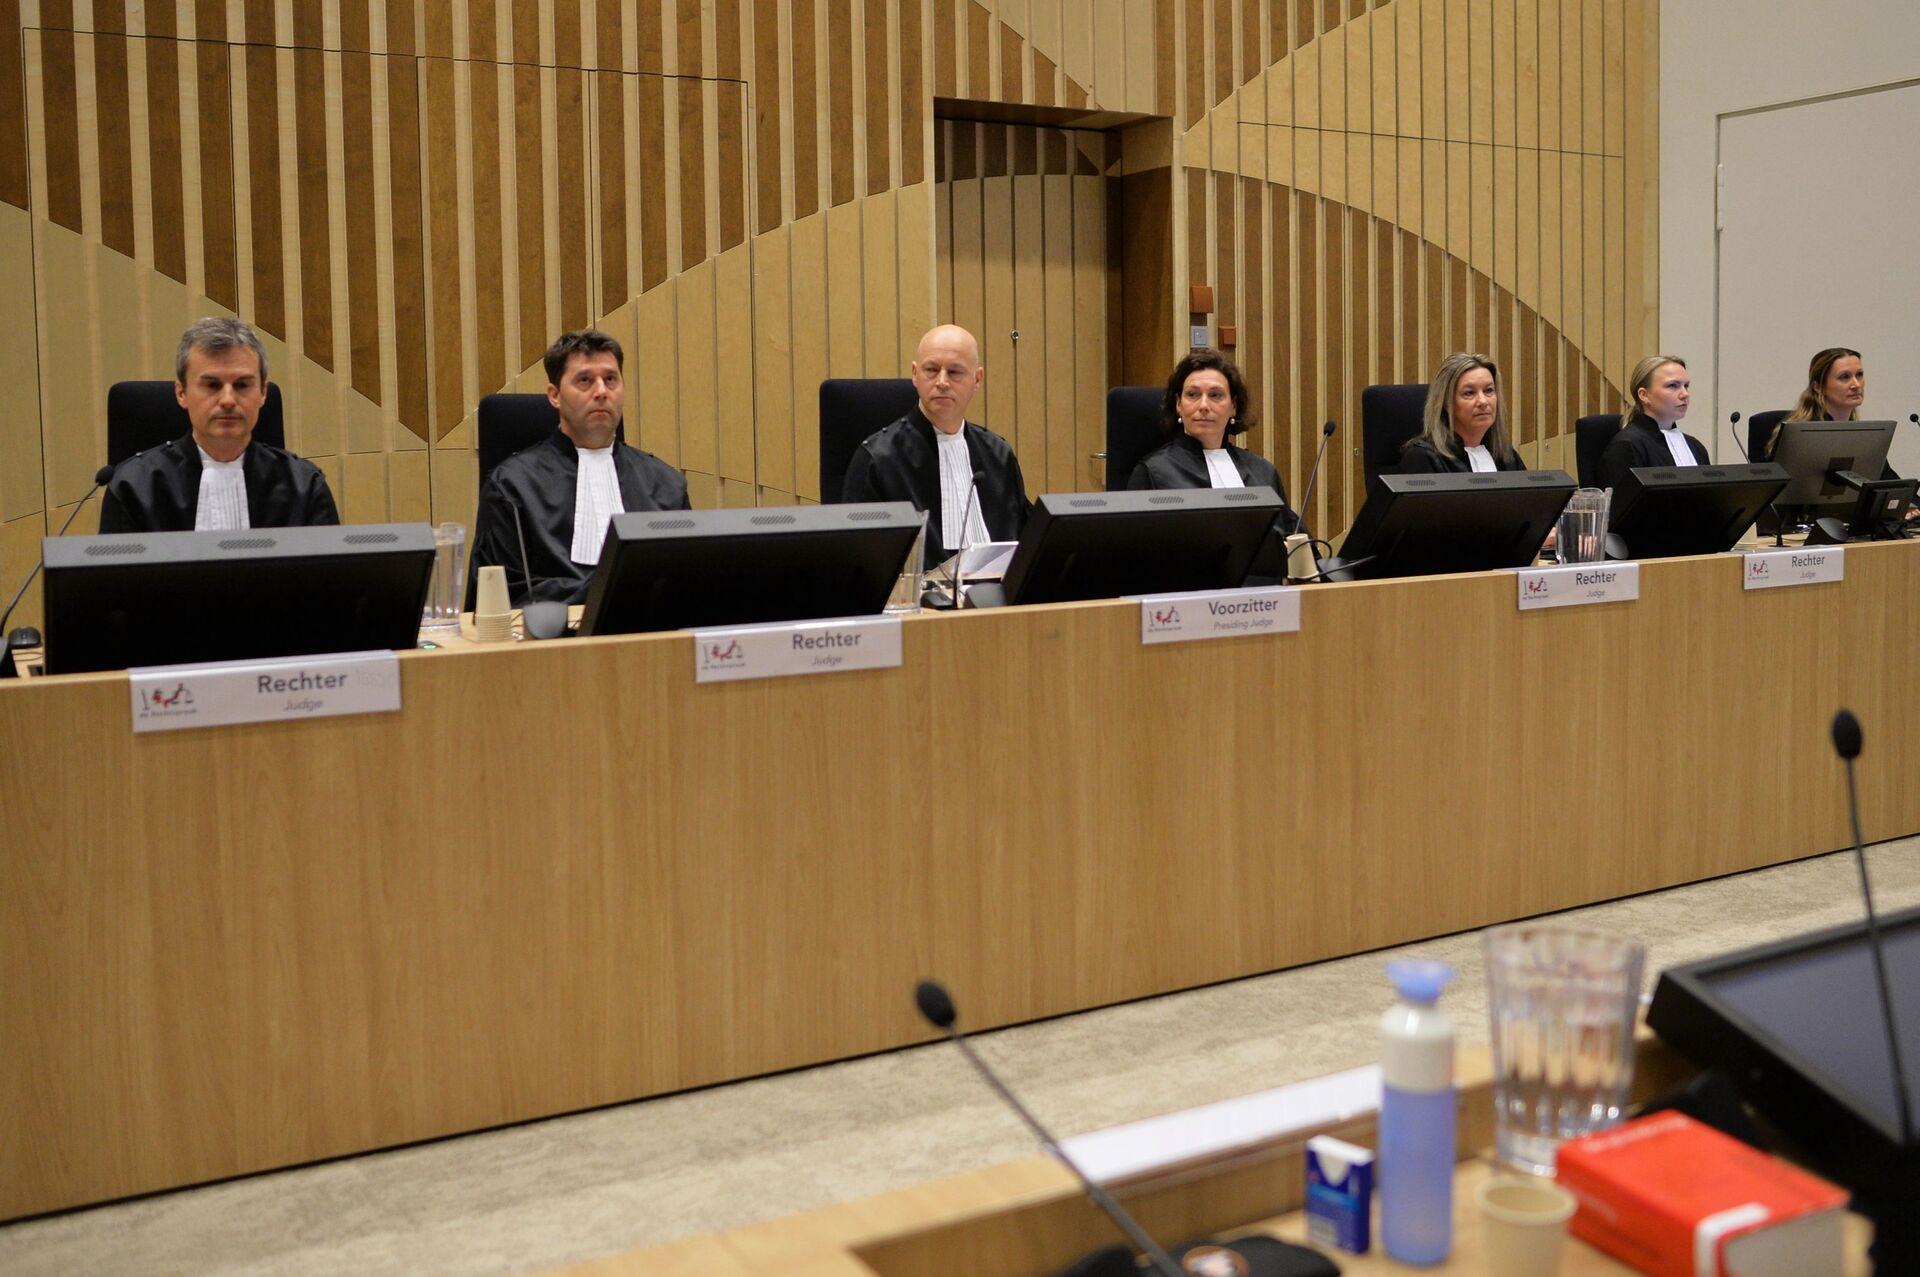 Заседание суда в комплексе правосудия Схипхол (Justice Complex Schiphol) в нидерландском Бадхоеведорпе по делу о крушении самолета Boeing 777 рейса MH17 - Sputnik Узбекистан, 1920, 28.07.2021